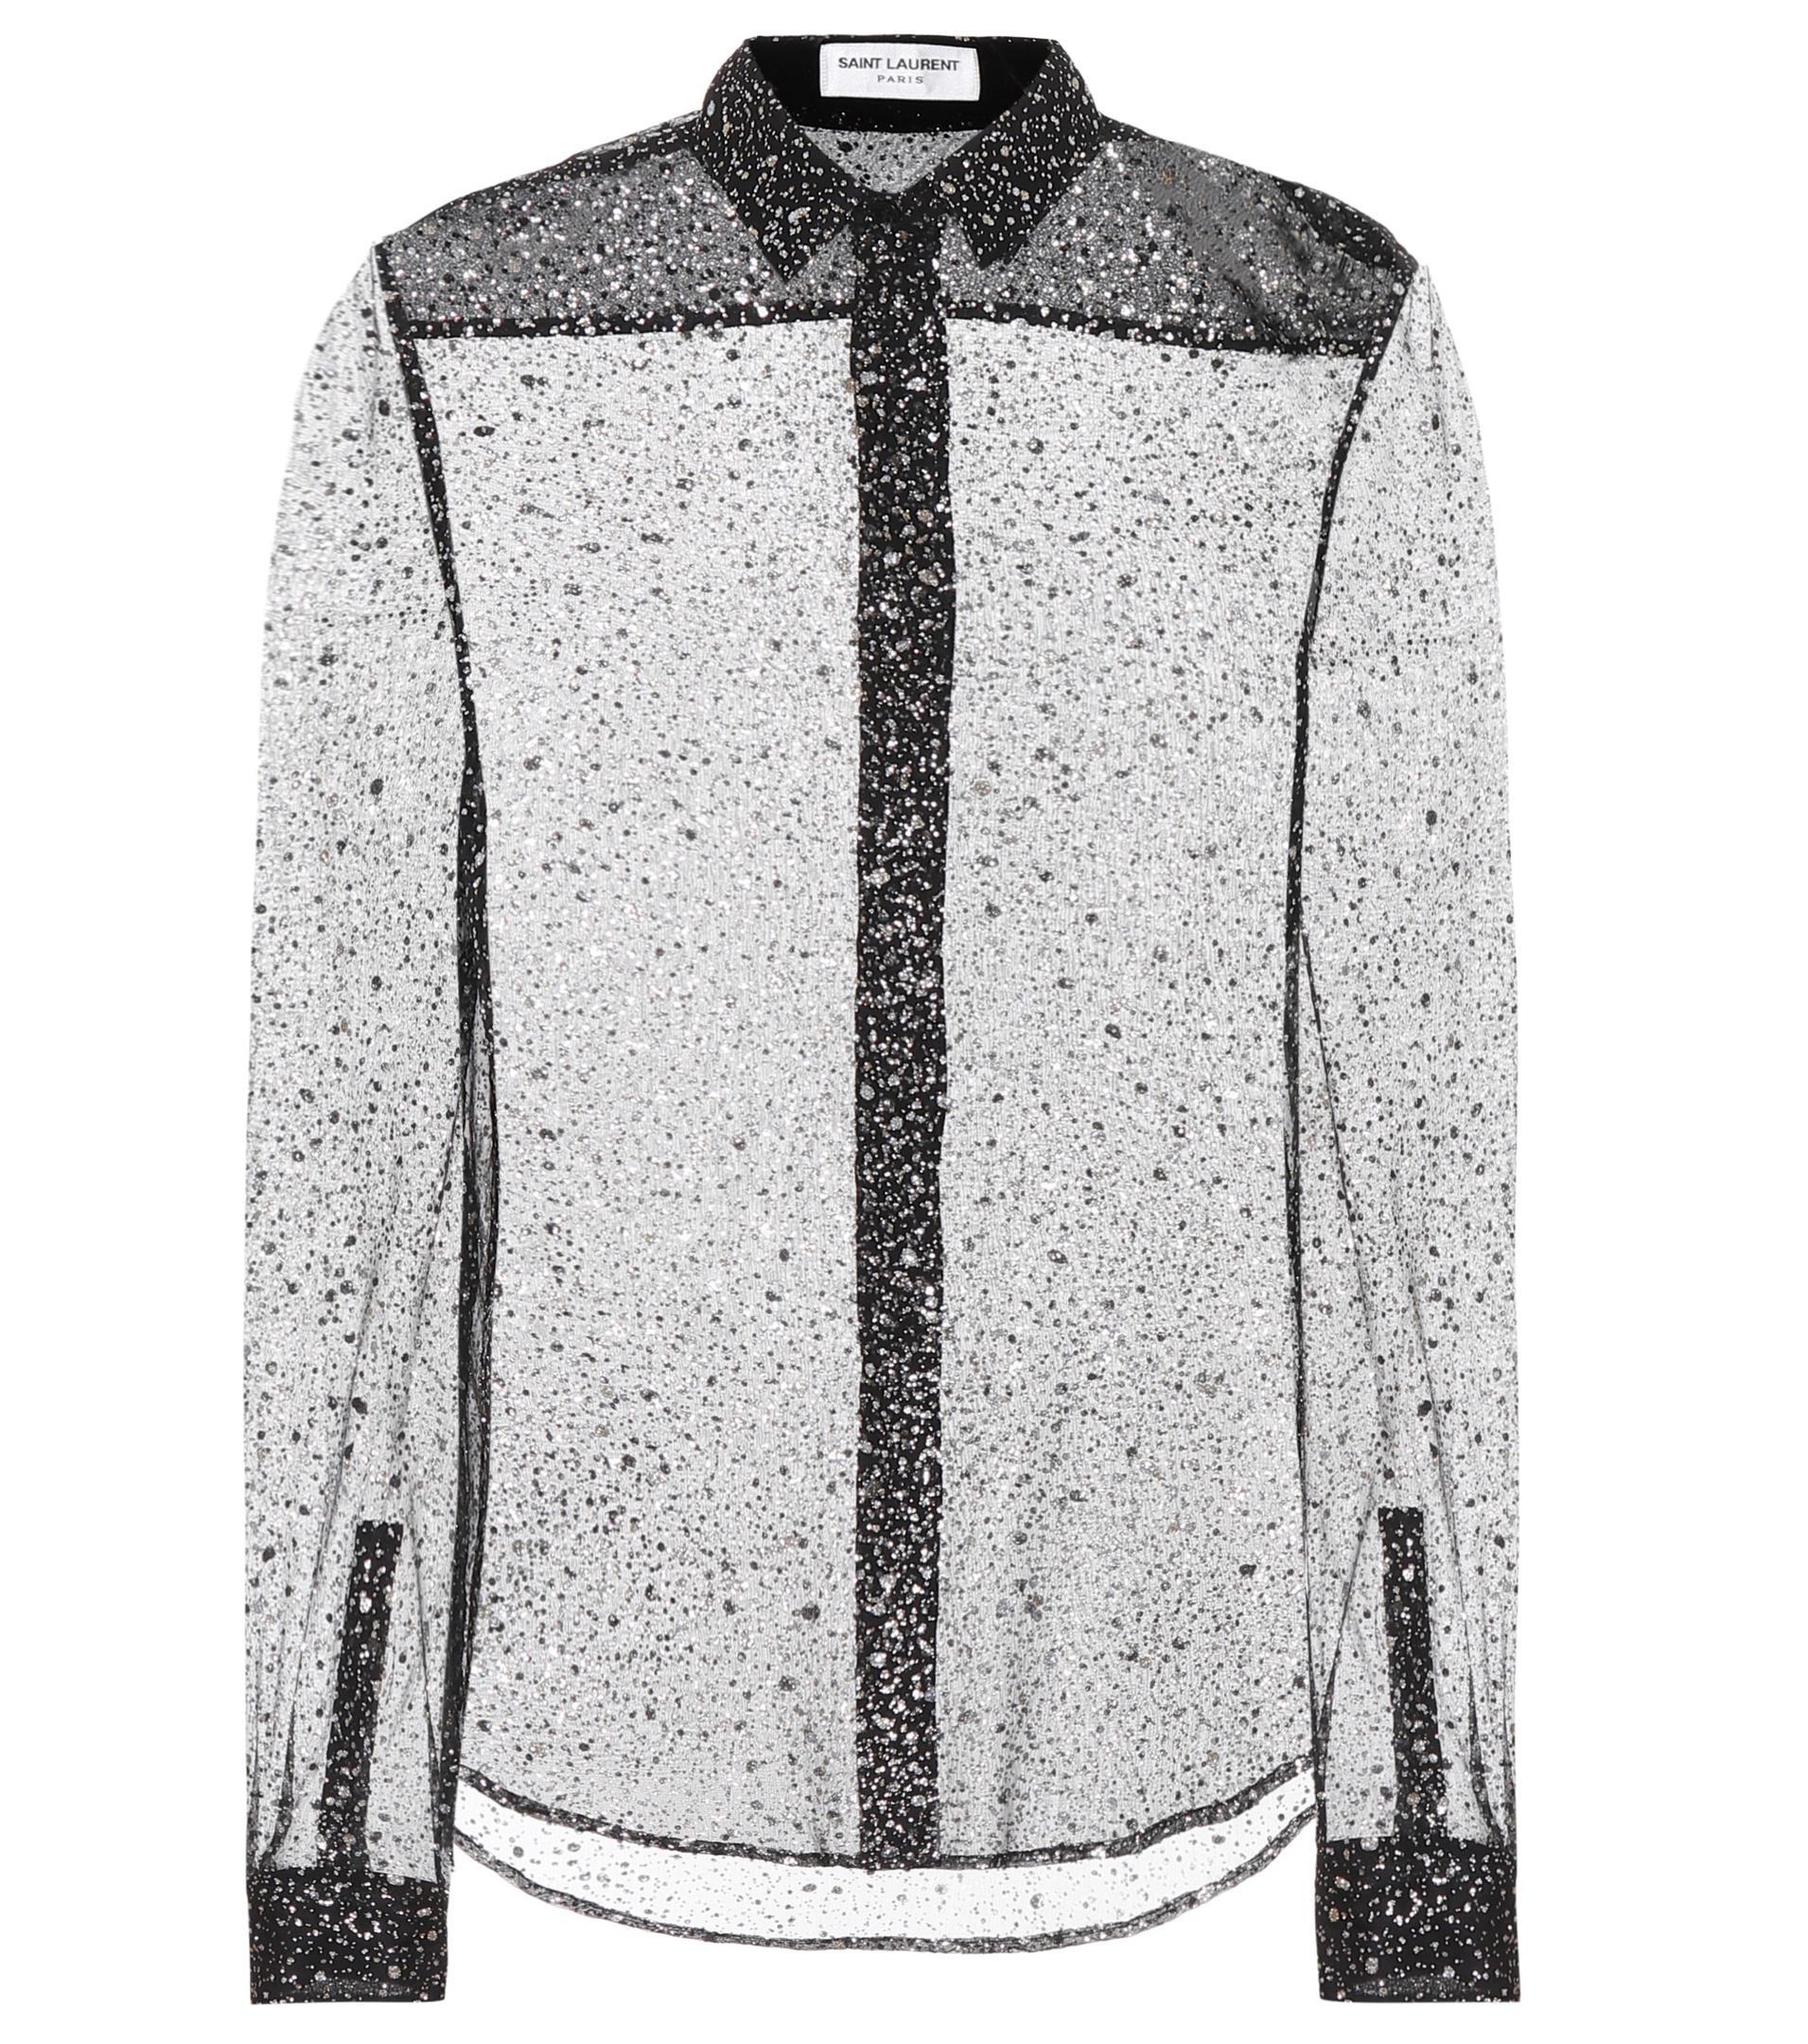 Outlet Official Purchase Sale Online Glitter silk-blend shirt Saint Laurent Buy Cheap Exclusive Cheap Deals 4dRUxJsY